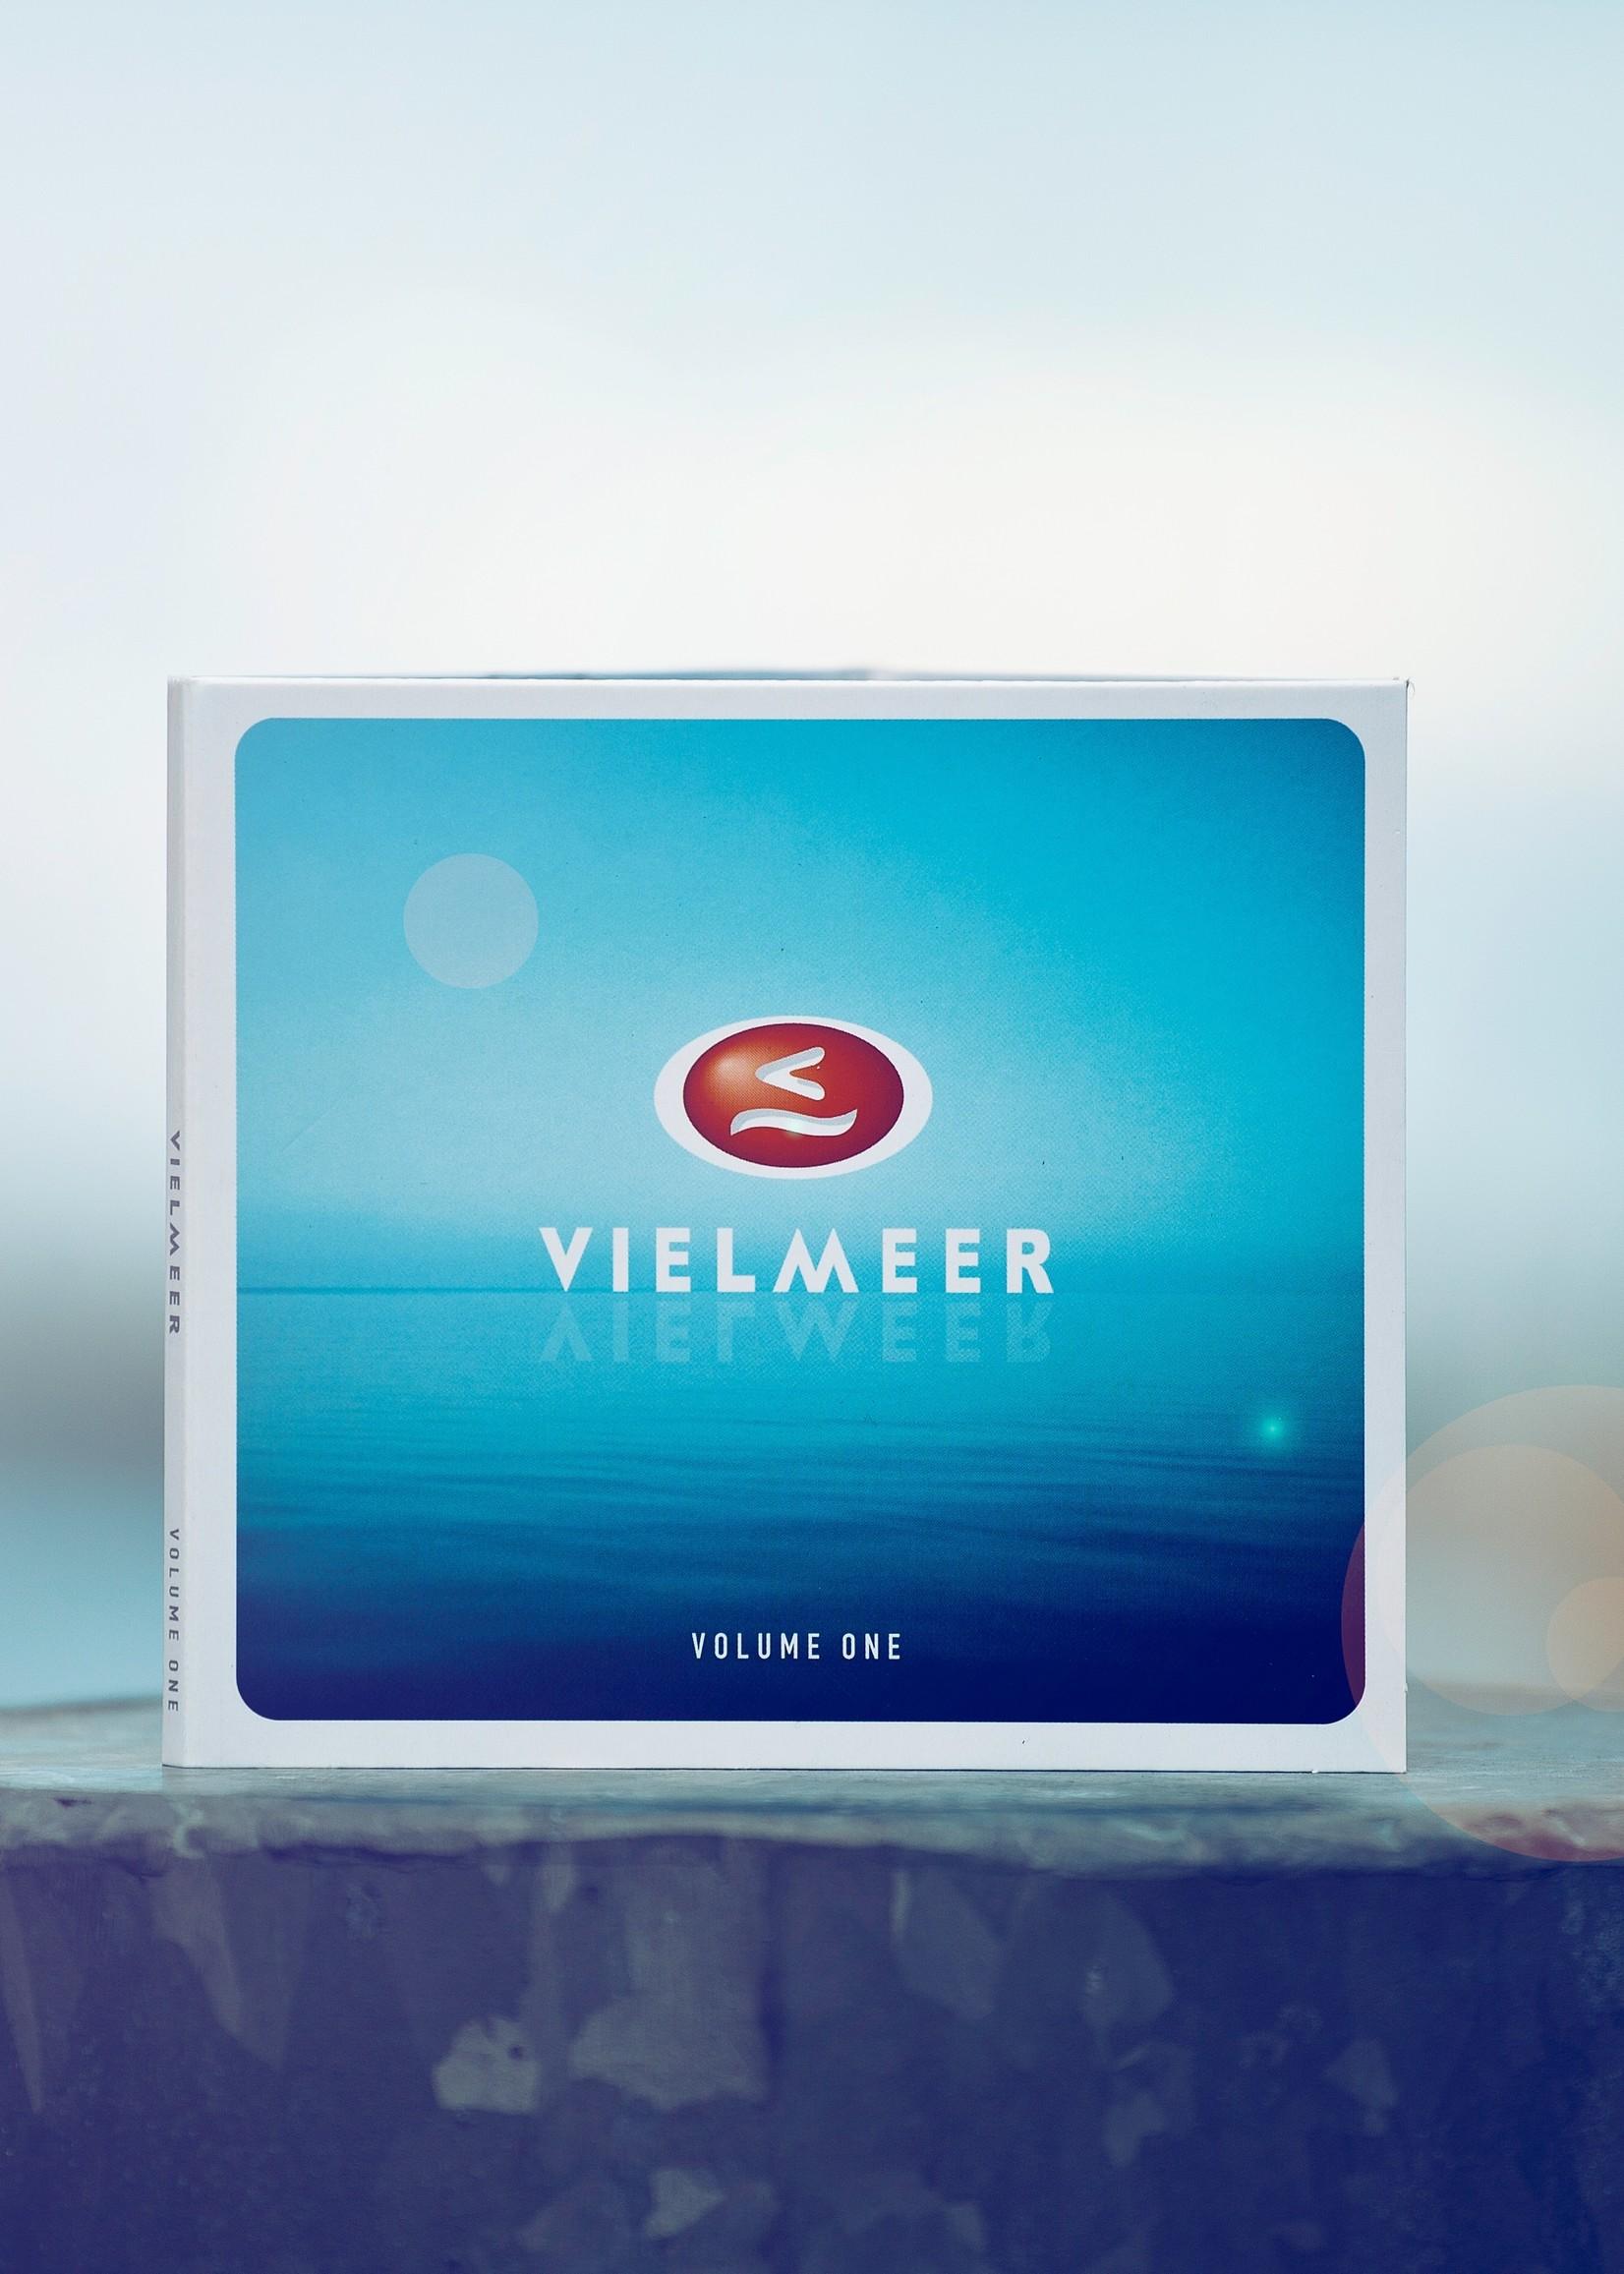 VIELMEER VOL. 1